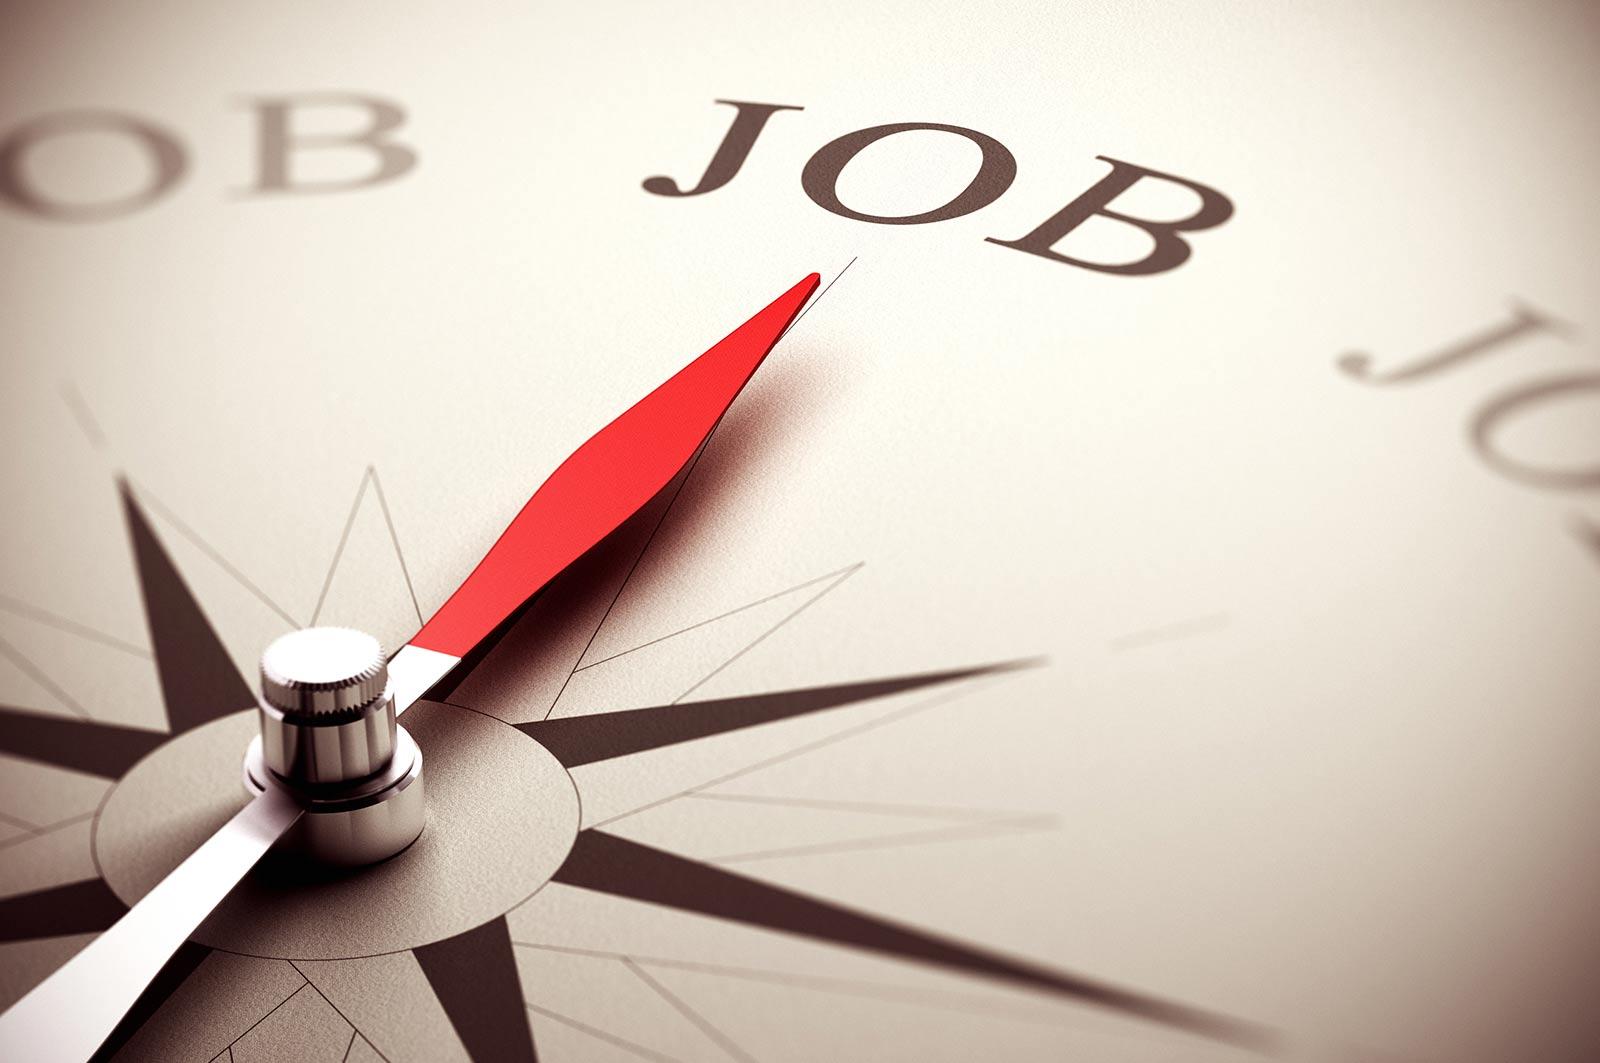 Kompas met wijzend naar JOB, Jobcoaching richtinggevend in traject.